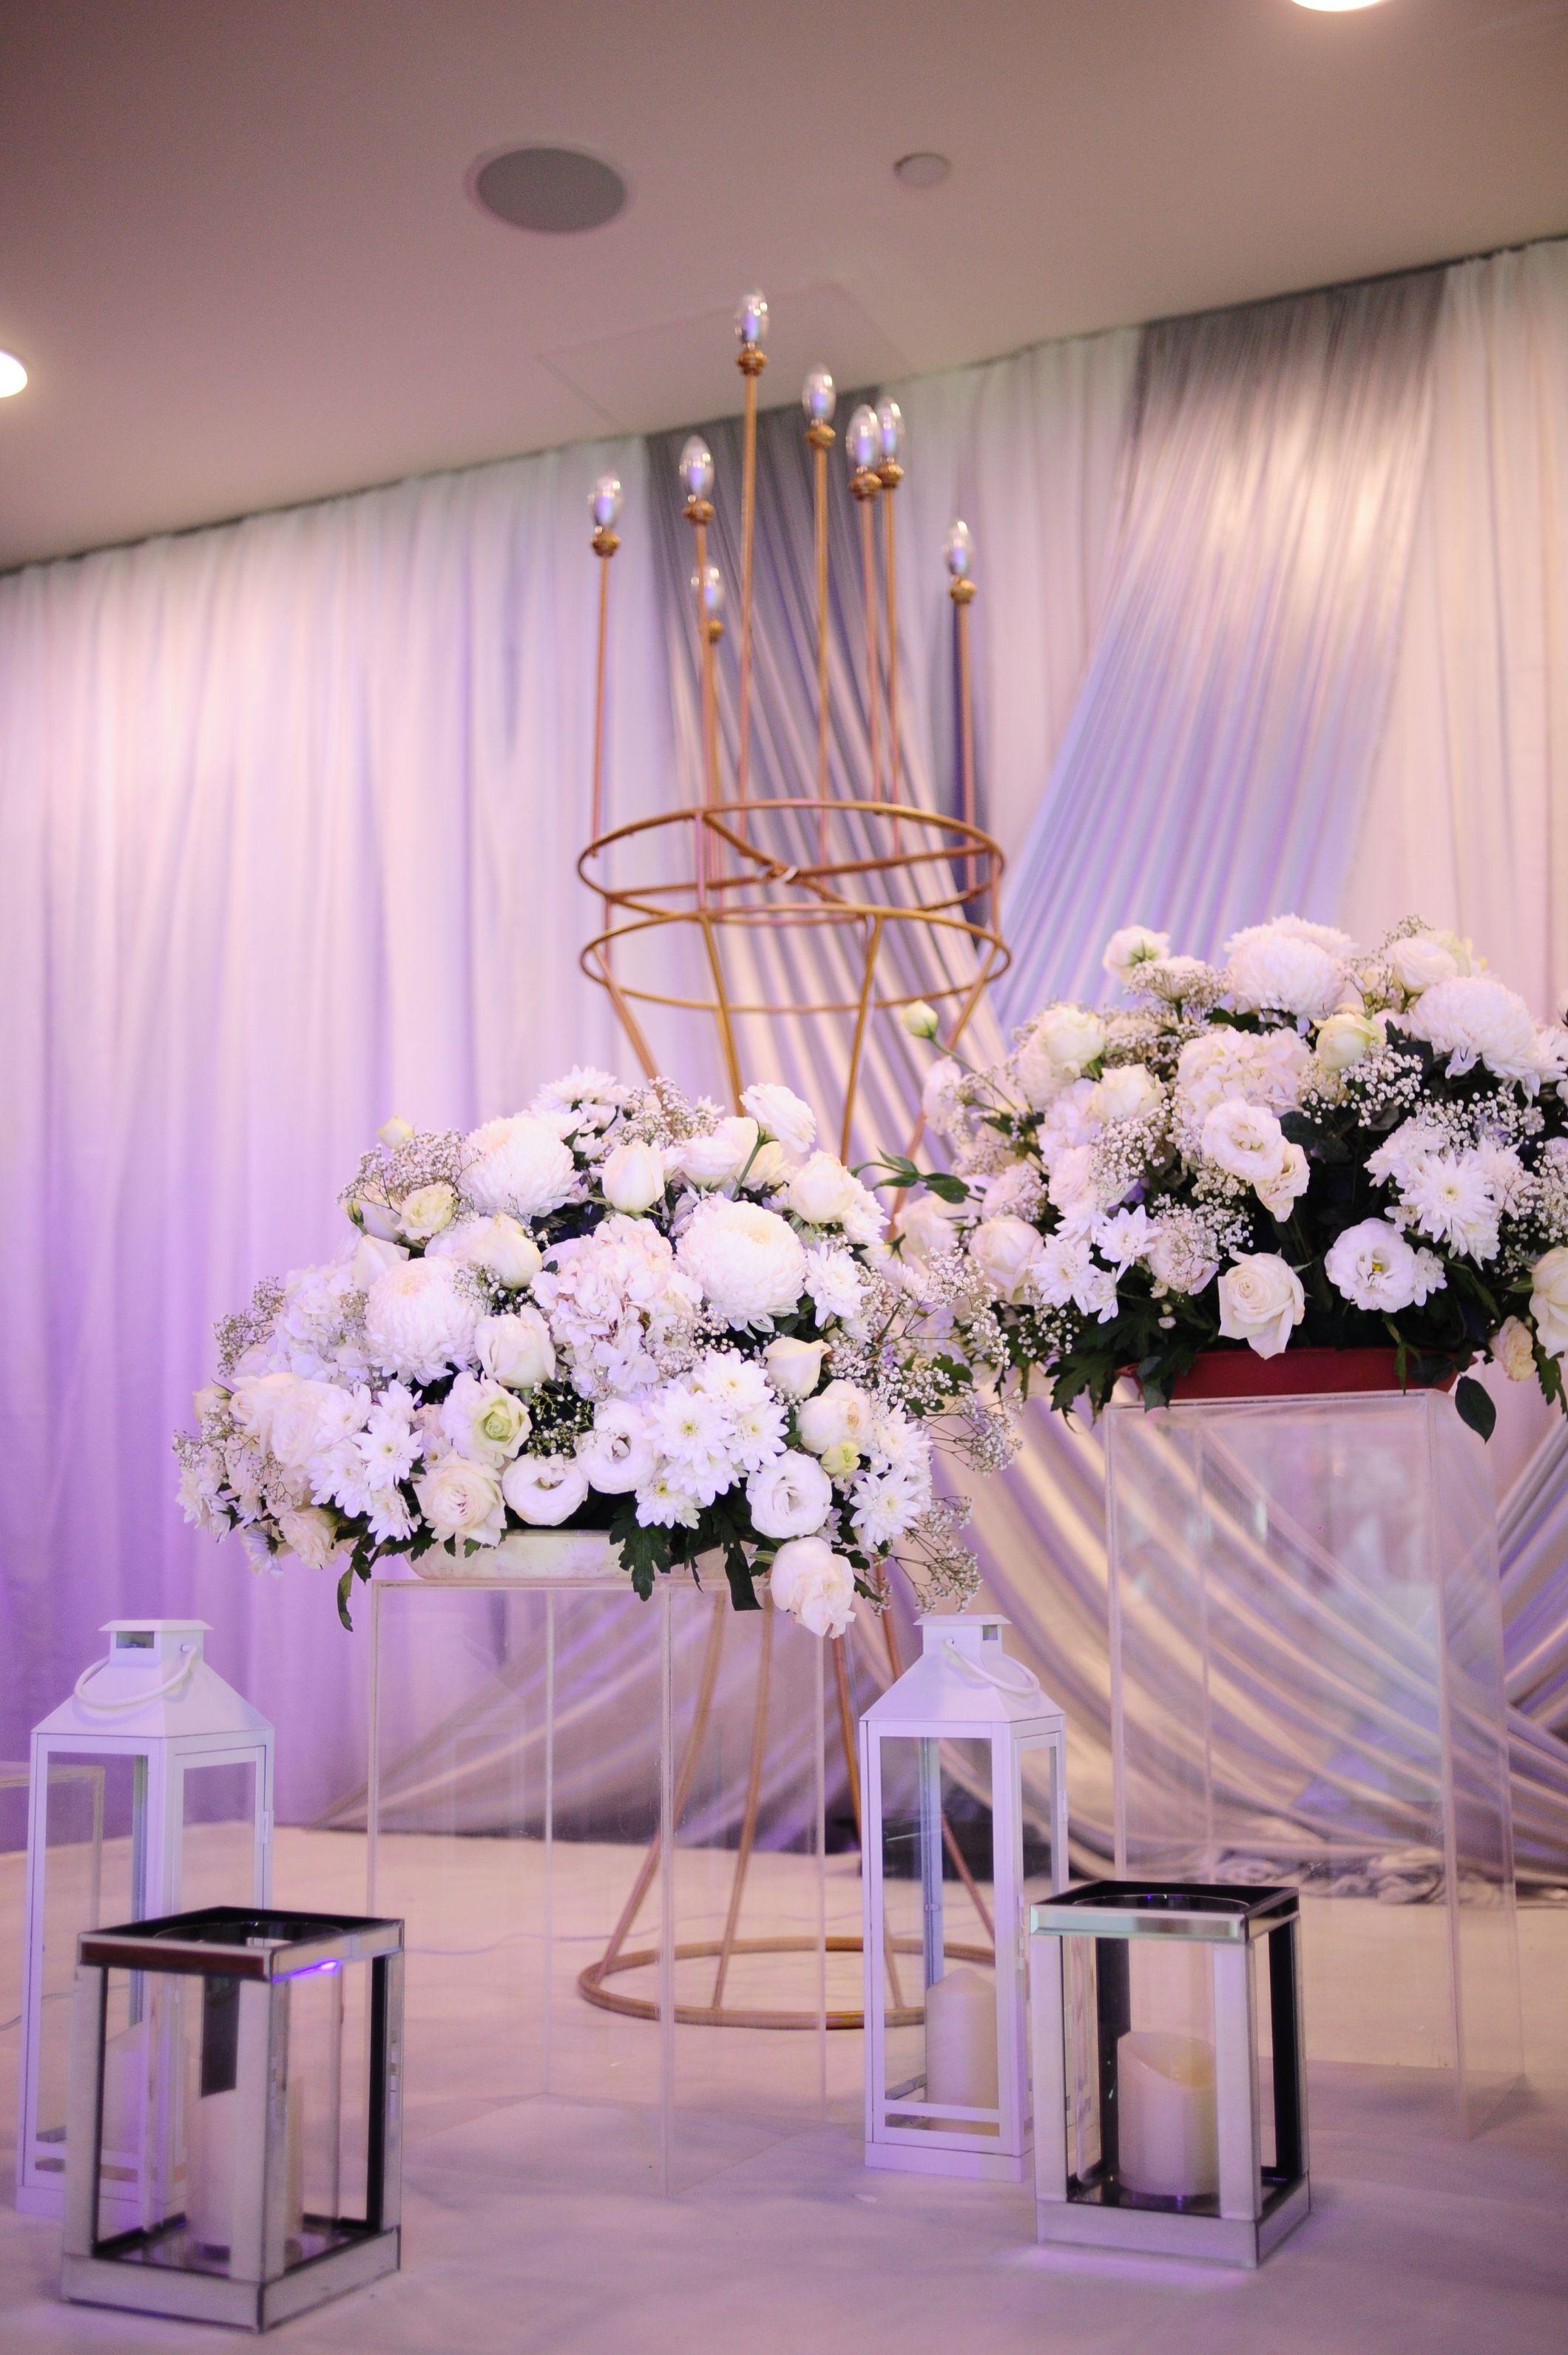 Pin By Amara Singapore On Malay Wedding Wedding Reception Venues Reception Venues Malay Wedding